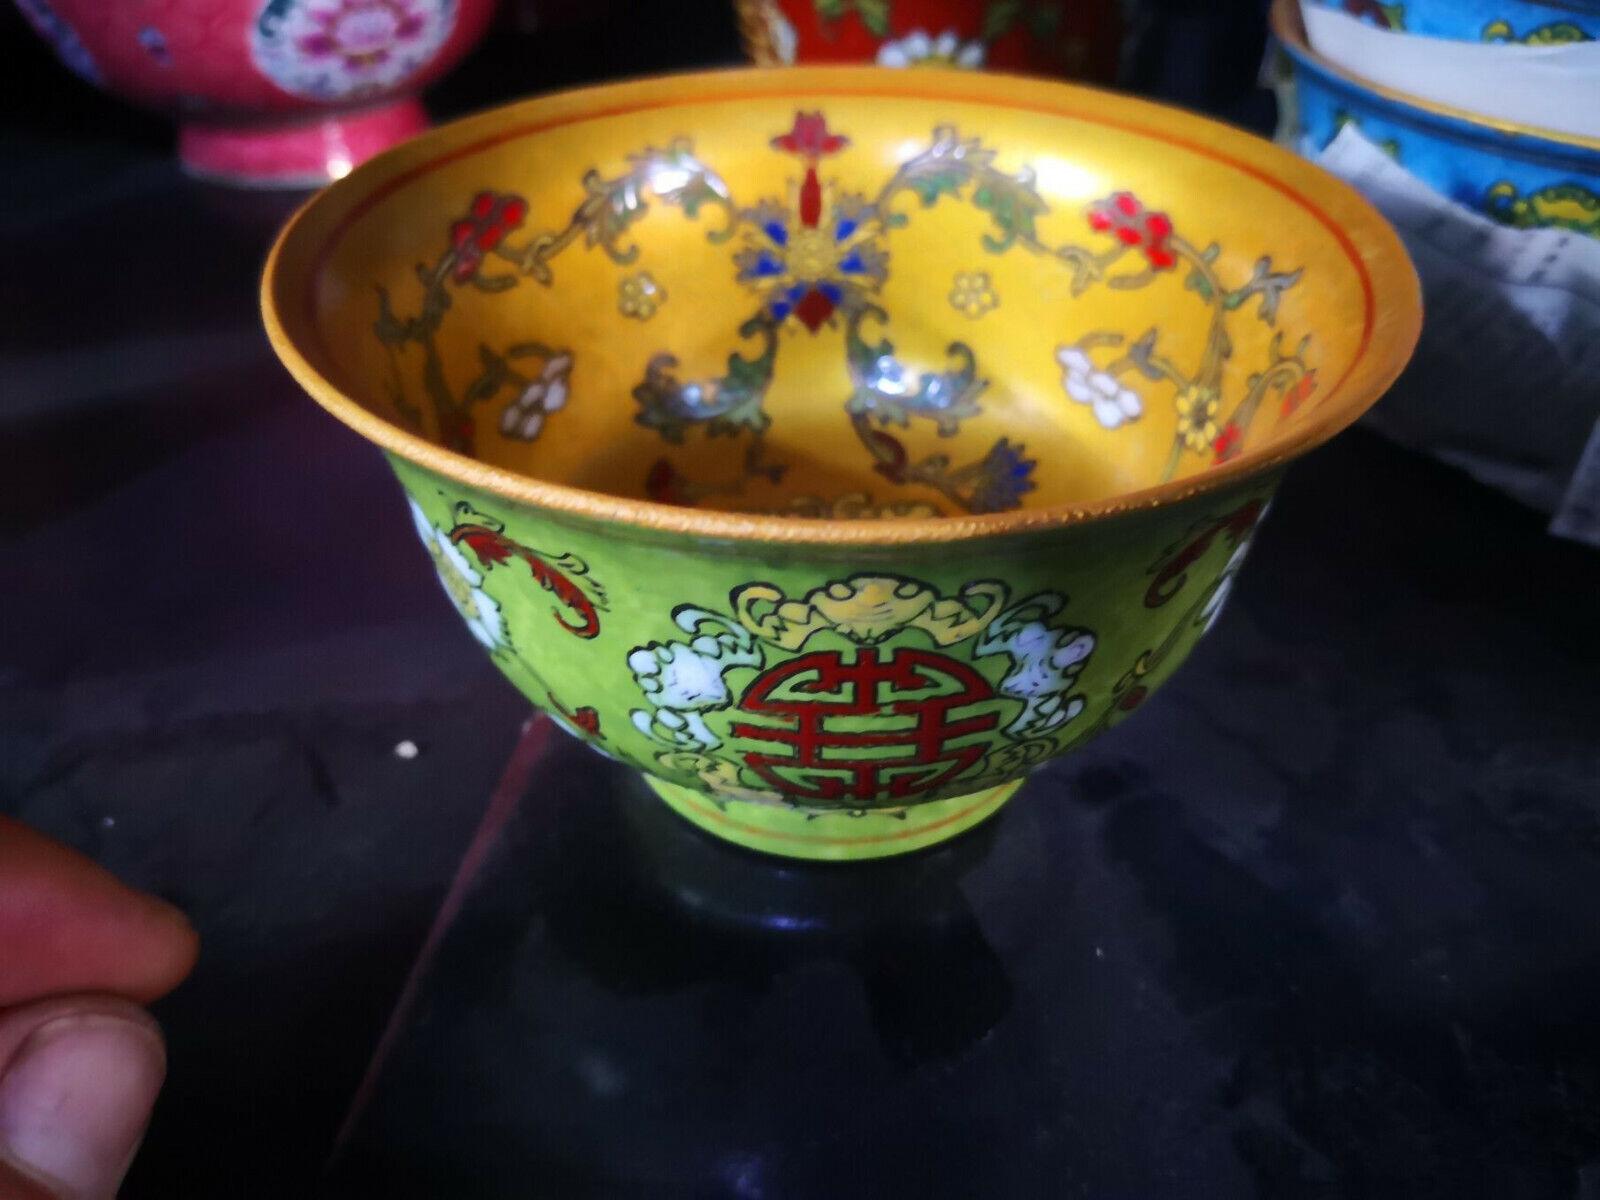 Chinese old porcelainThe republic of China bowl Powder enamel porcelain bowl 3